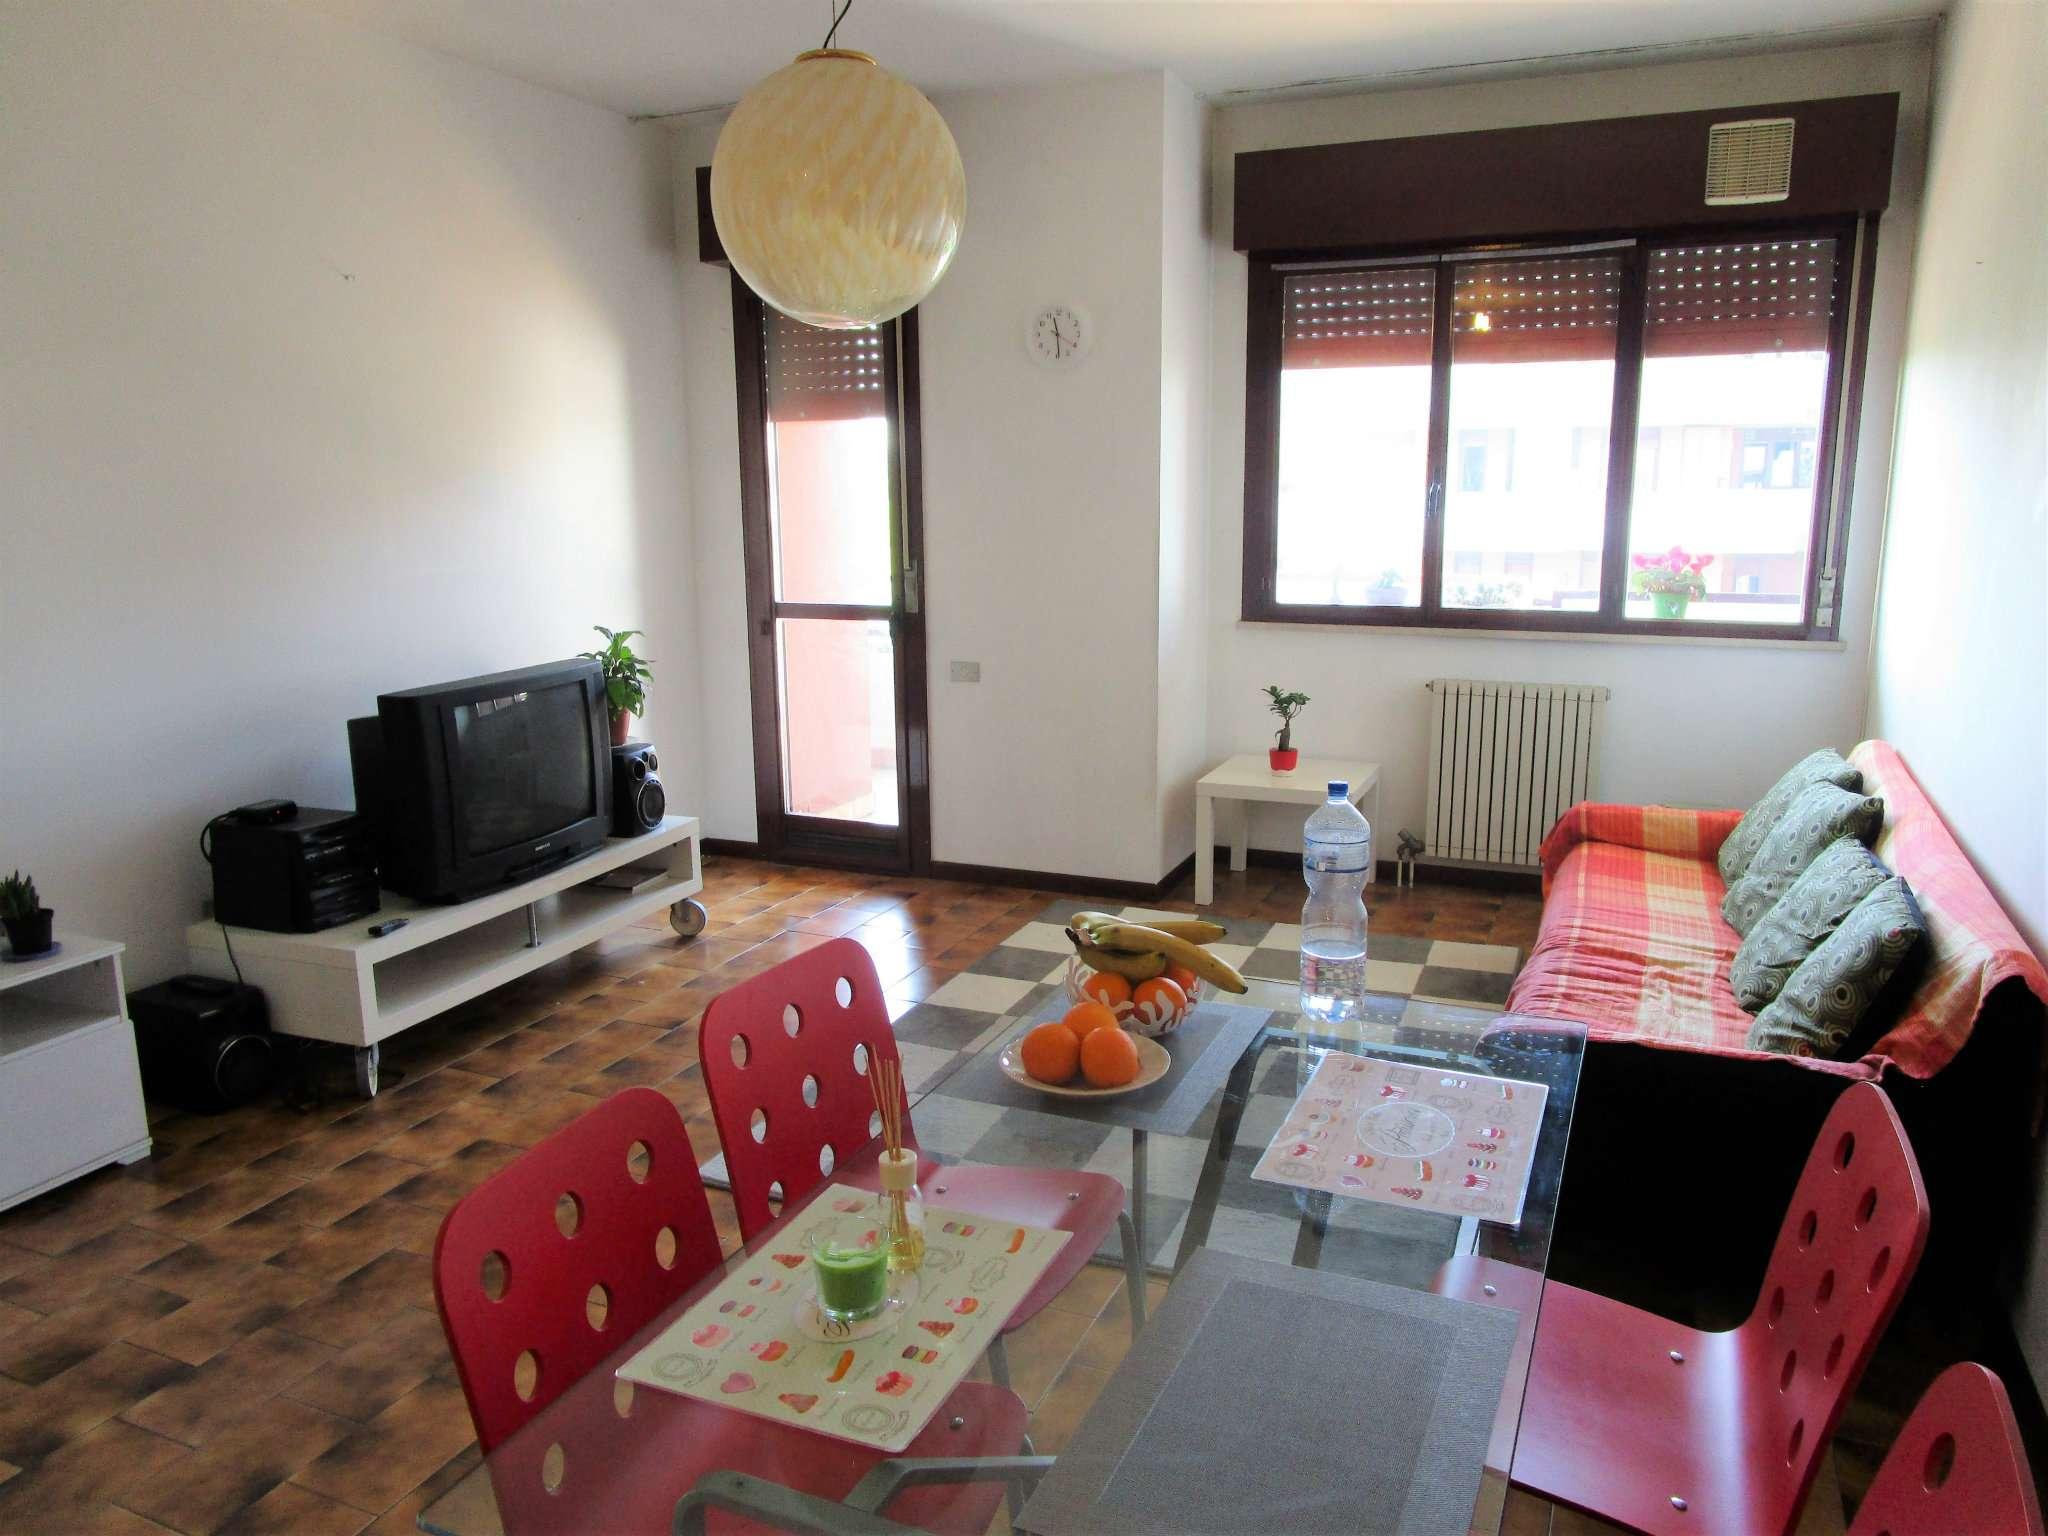 Appartamento in vendita a Padova, 4 locali, zona Zona: 2 . Nord (Arcella, S.Carlo, Pontevigodarzere), prezzo € 95.000 | Cambio Casa.it